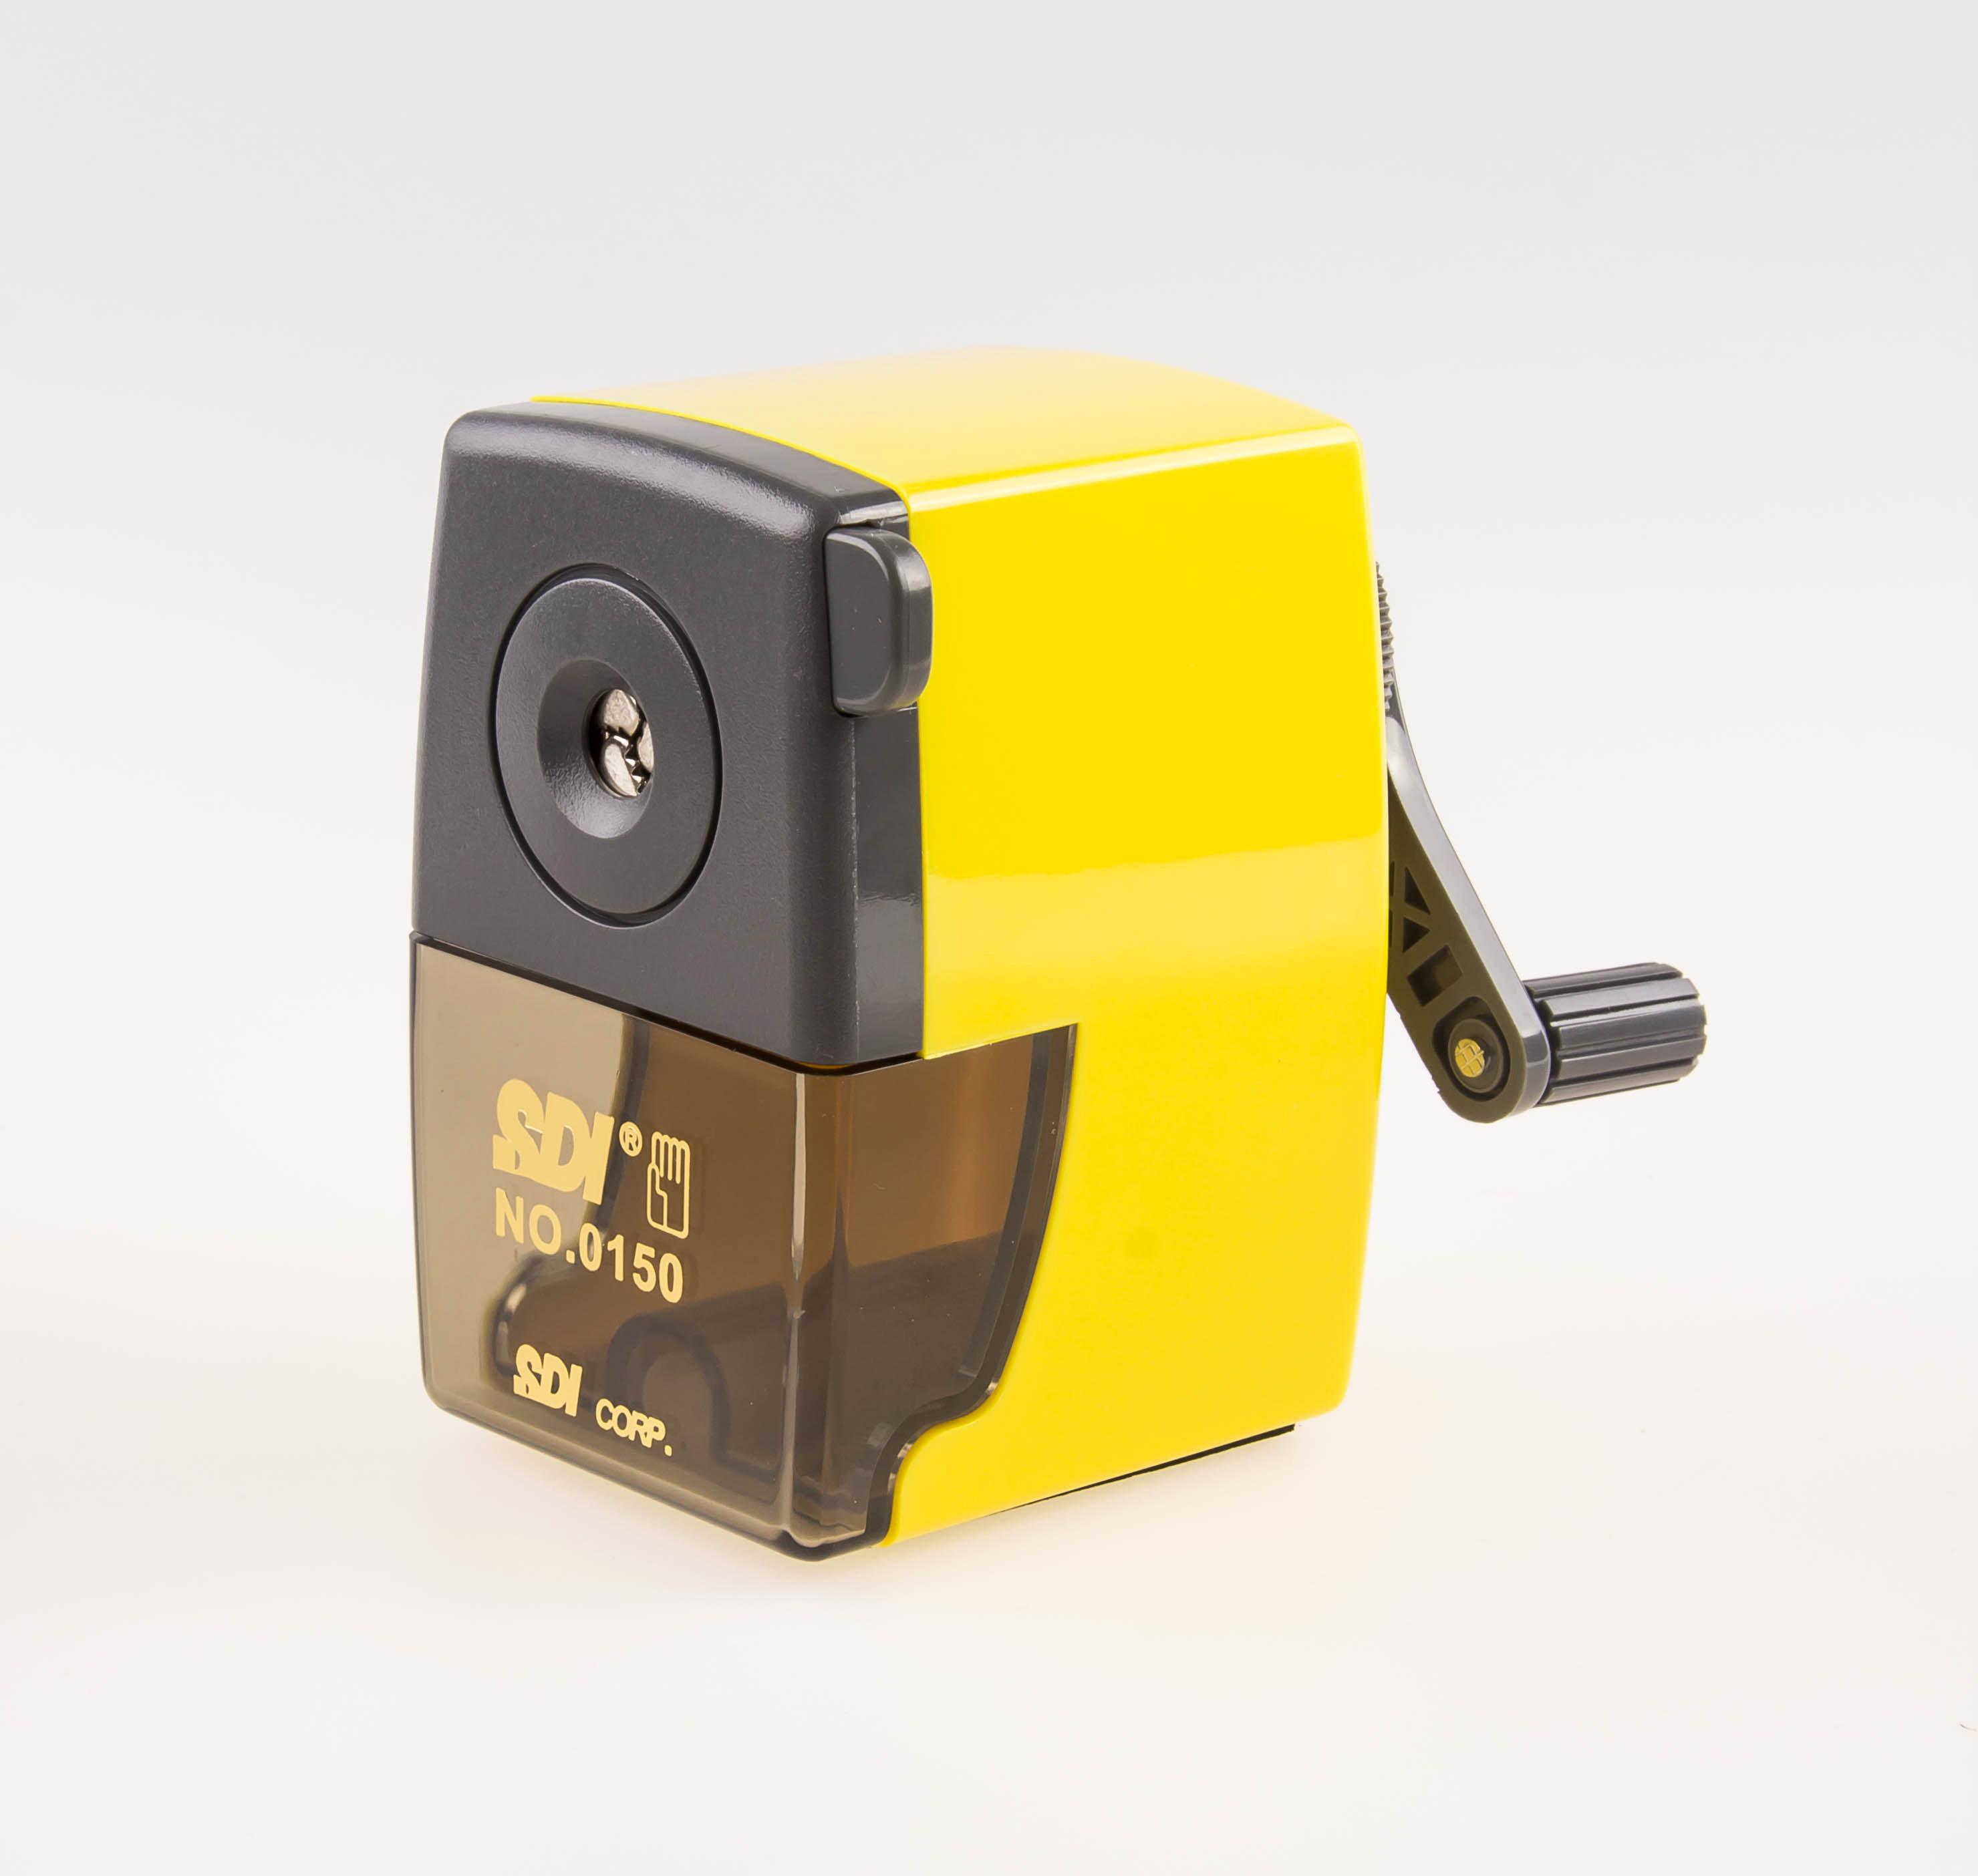 SDI Kollu Kalemtraş Makinası 0150